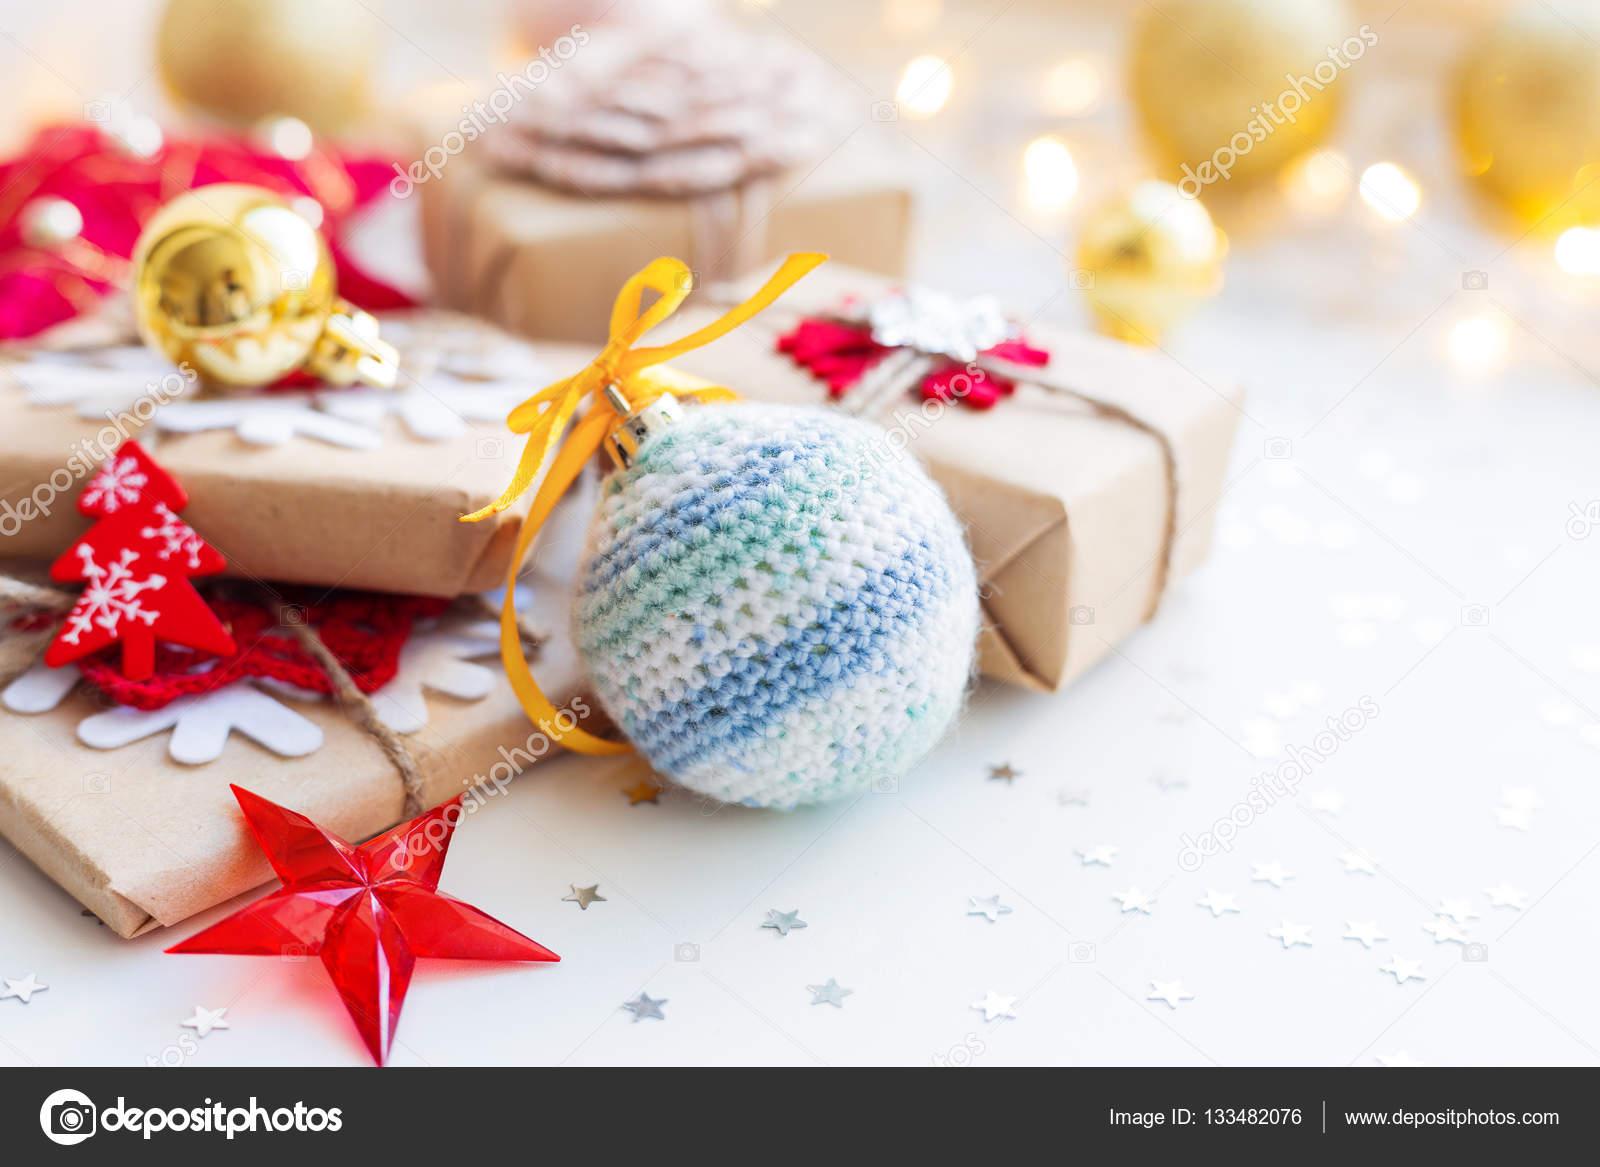 Regali Di Natale All Uncinetto.Sfondo Di Natale E Capodanno Con Palla A Mano All Uncinetto Regali